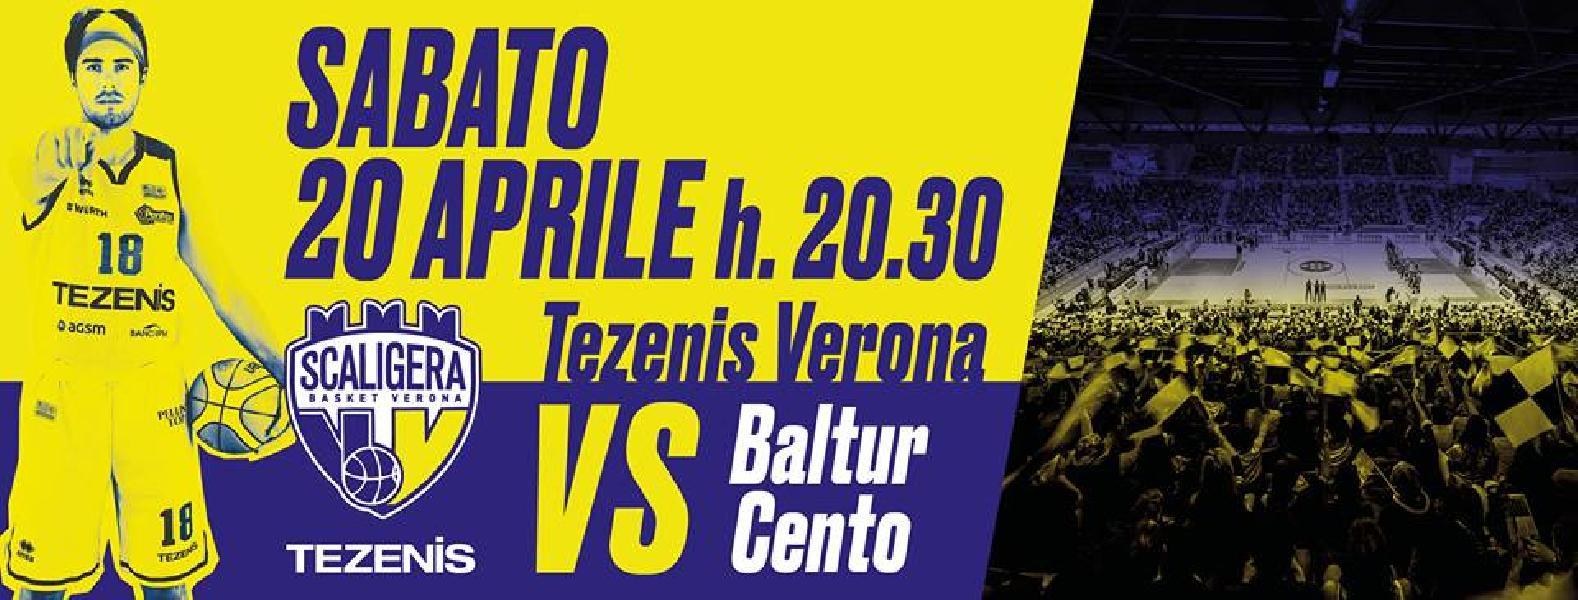 https://www.basketmarche.it/immagini_articoli/20-04-2019/scaligera-verona-ospita-cento-prepartita-coach-dalmonte-mitchell-poletti-600.jpg